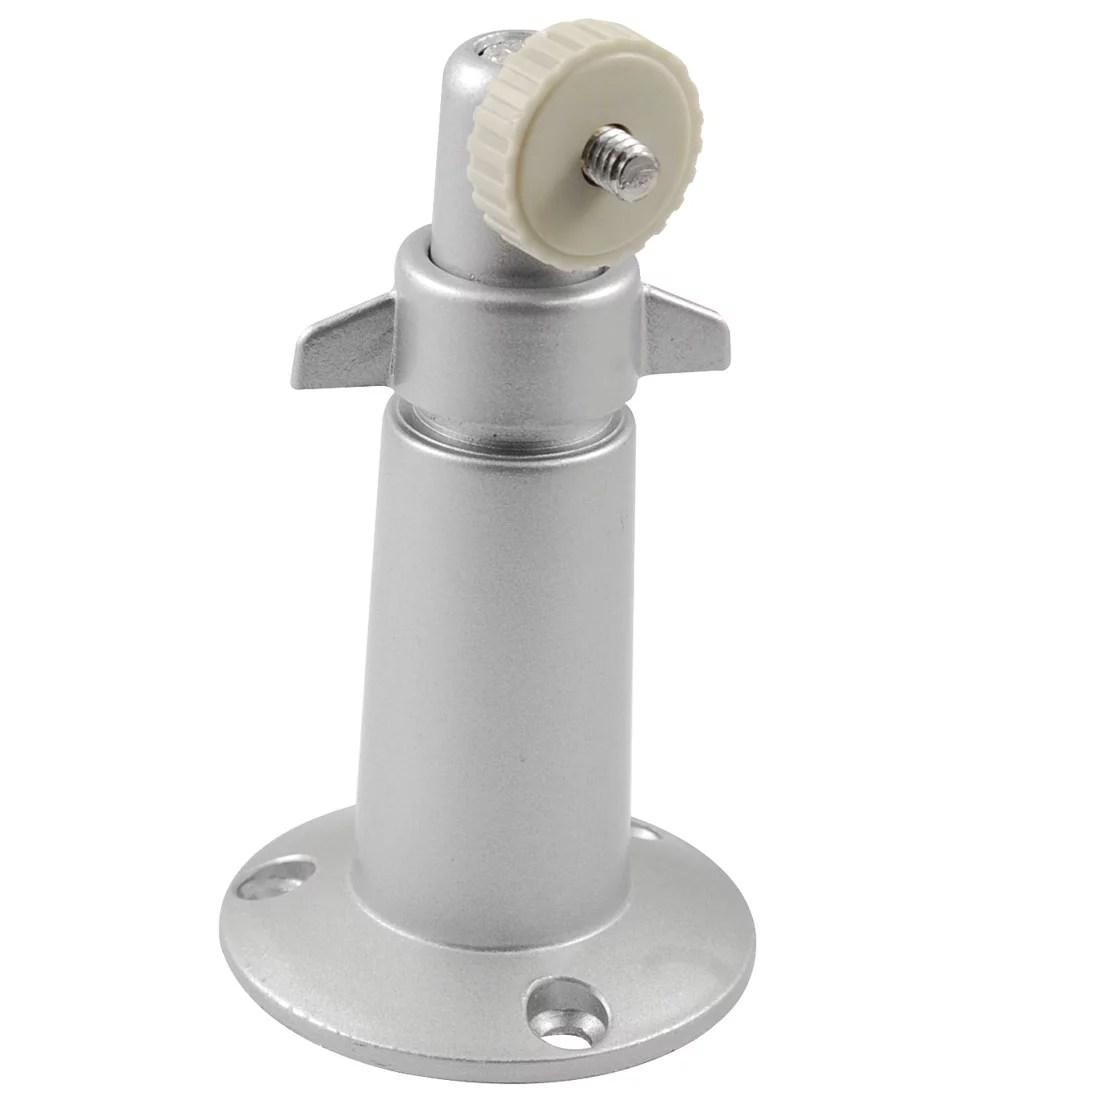 Unique Bargains Surveillance CCTV Camera Adjustable Wall